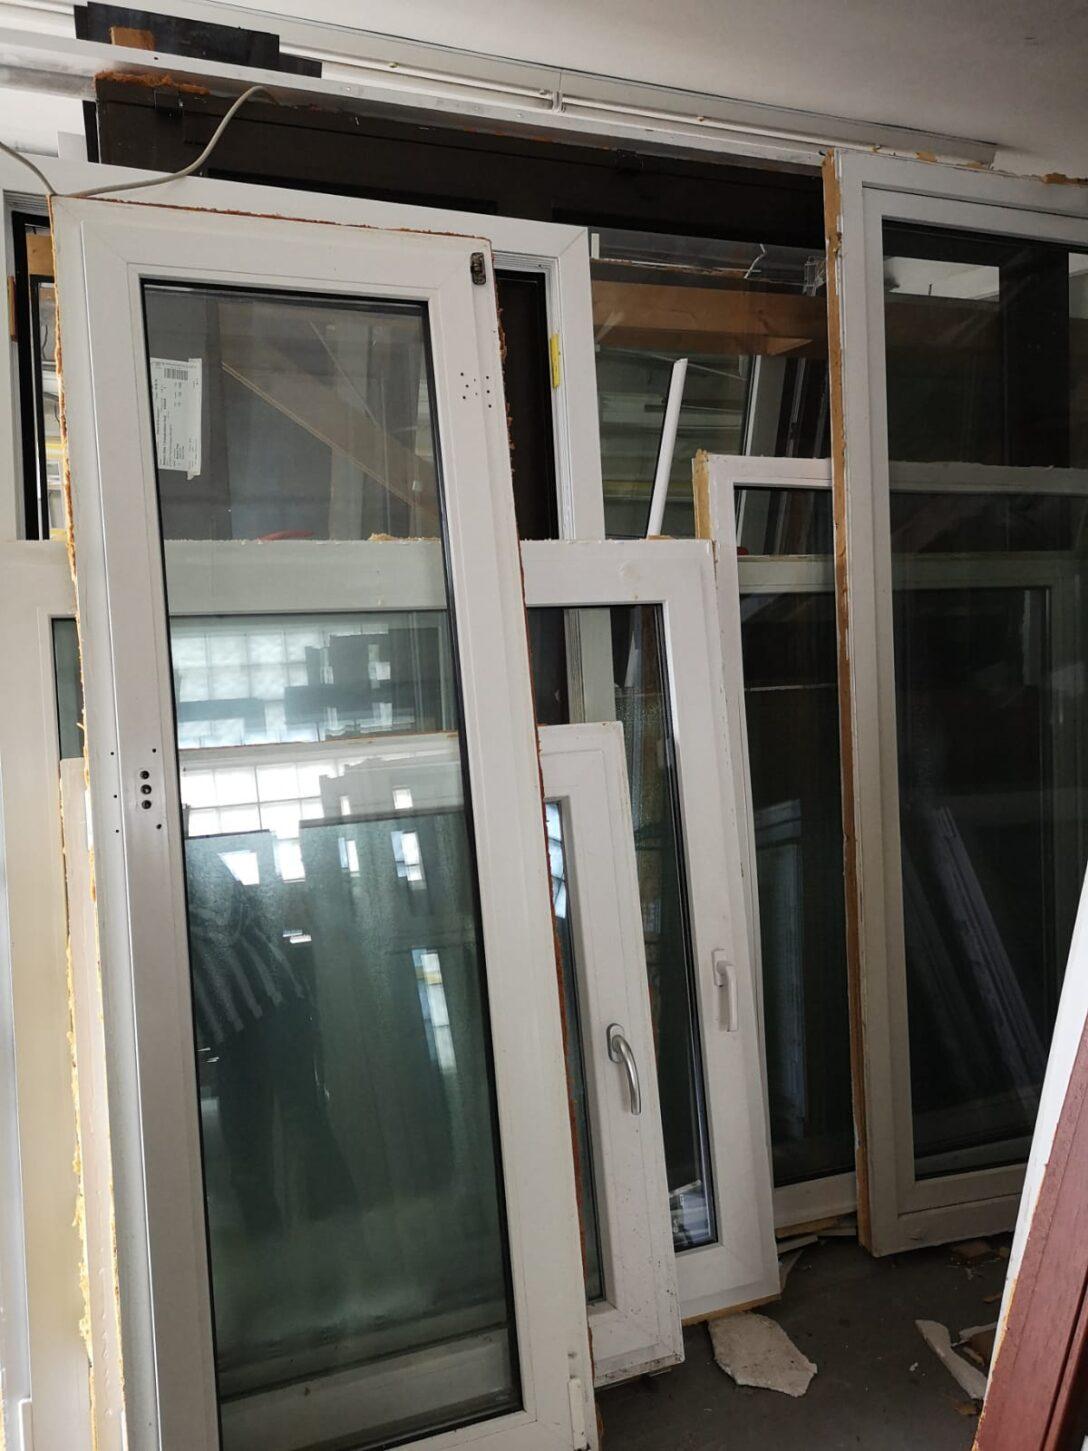 Large Size of Gebrauchte Fenster Mit Sprossen Holzfenster Stallfenster Alte Versprhen Charme Zwangsbelftung Esstisch Bank Bett Aufbewahrung Mitarbeitergespräche Führen Wohnzimmer Gebrauchte Holzfenster Mit Sprossen